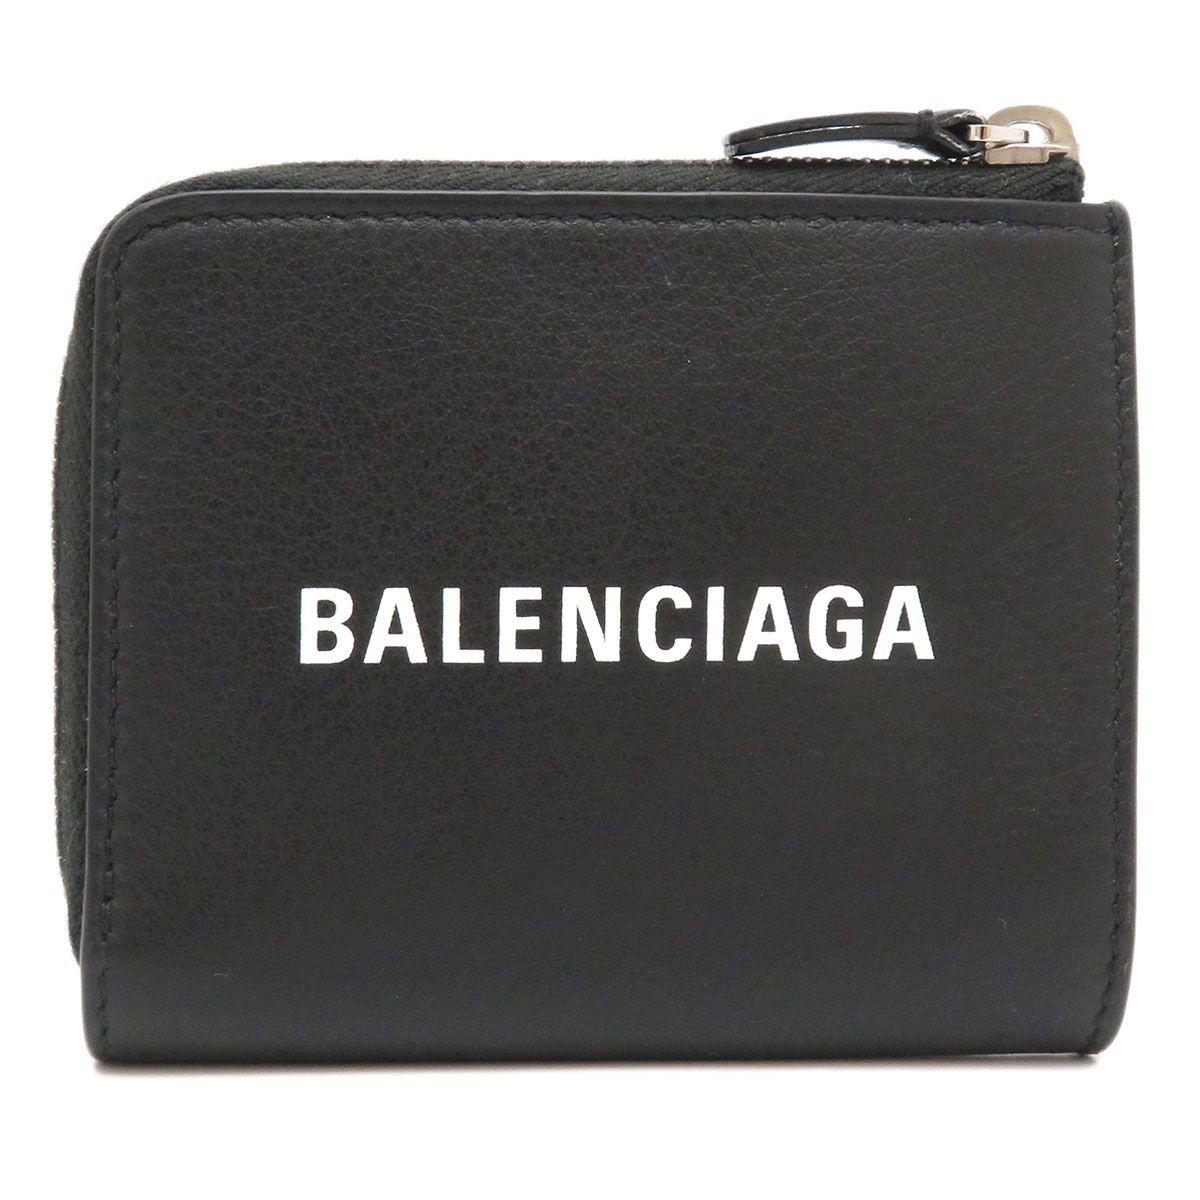 バレンシアガ コインケース エブリデイ コインケース 505046・1000